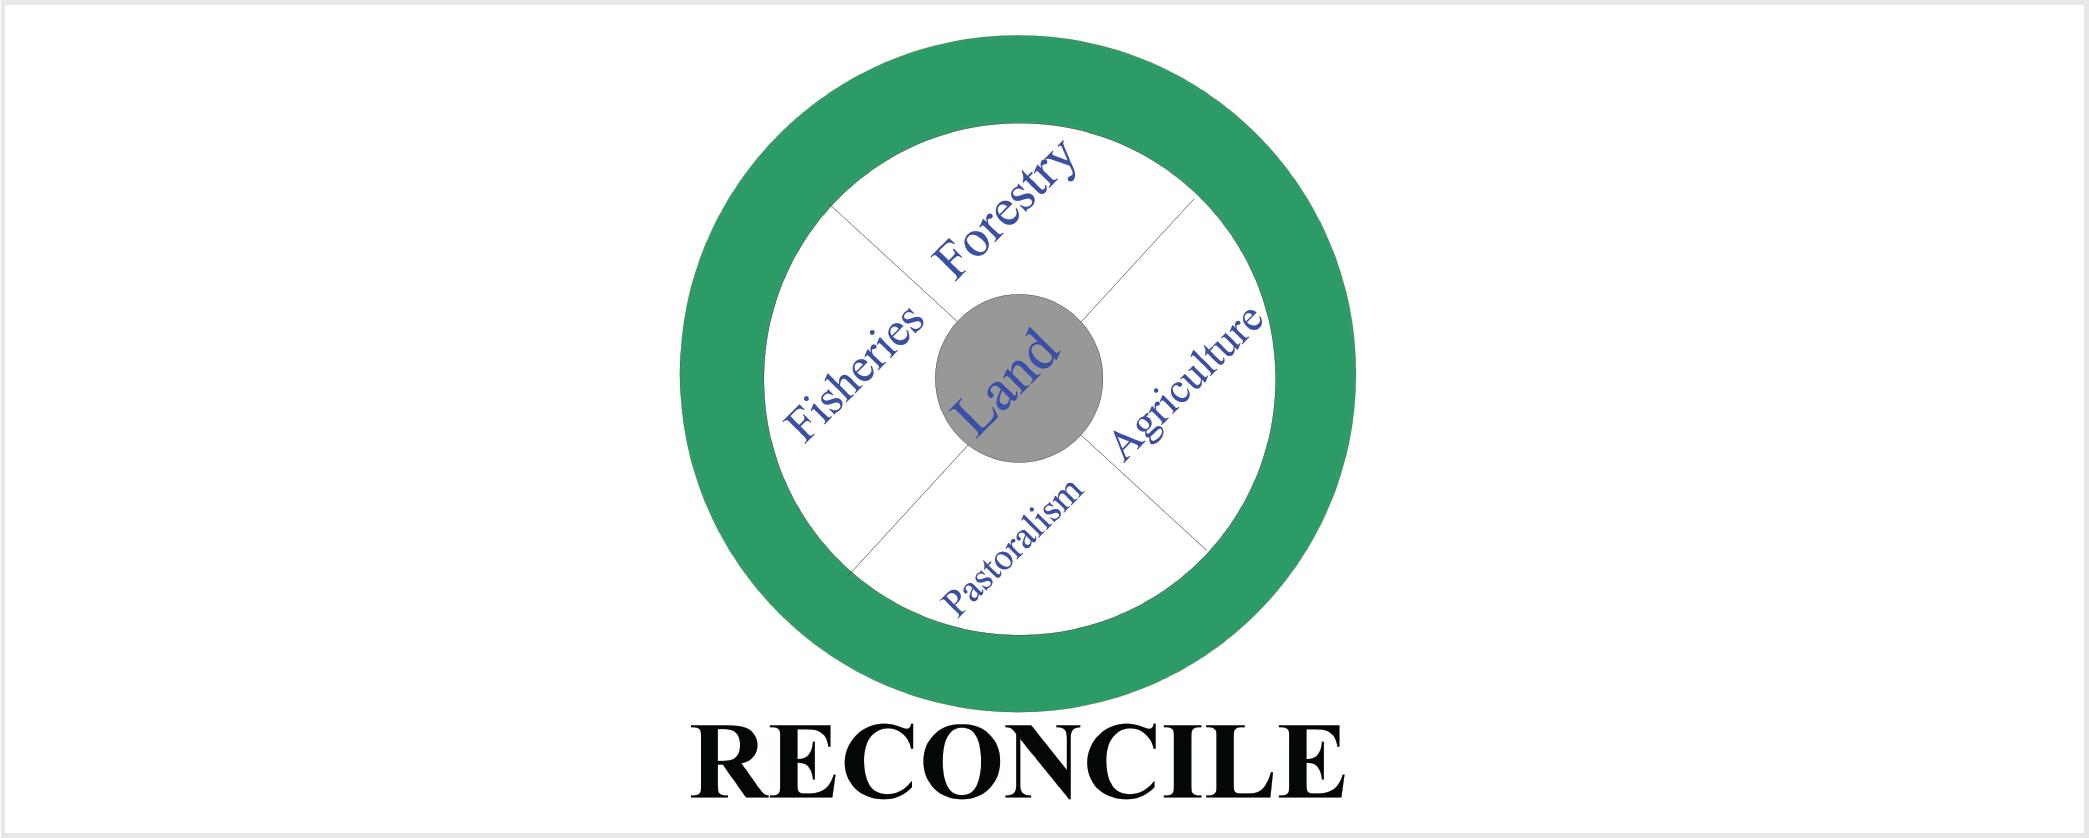 RECONCILE- Resource Conflict Institute